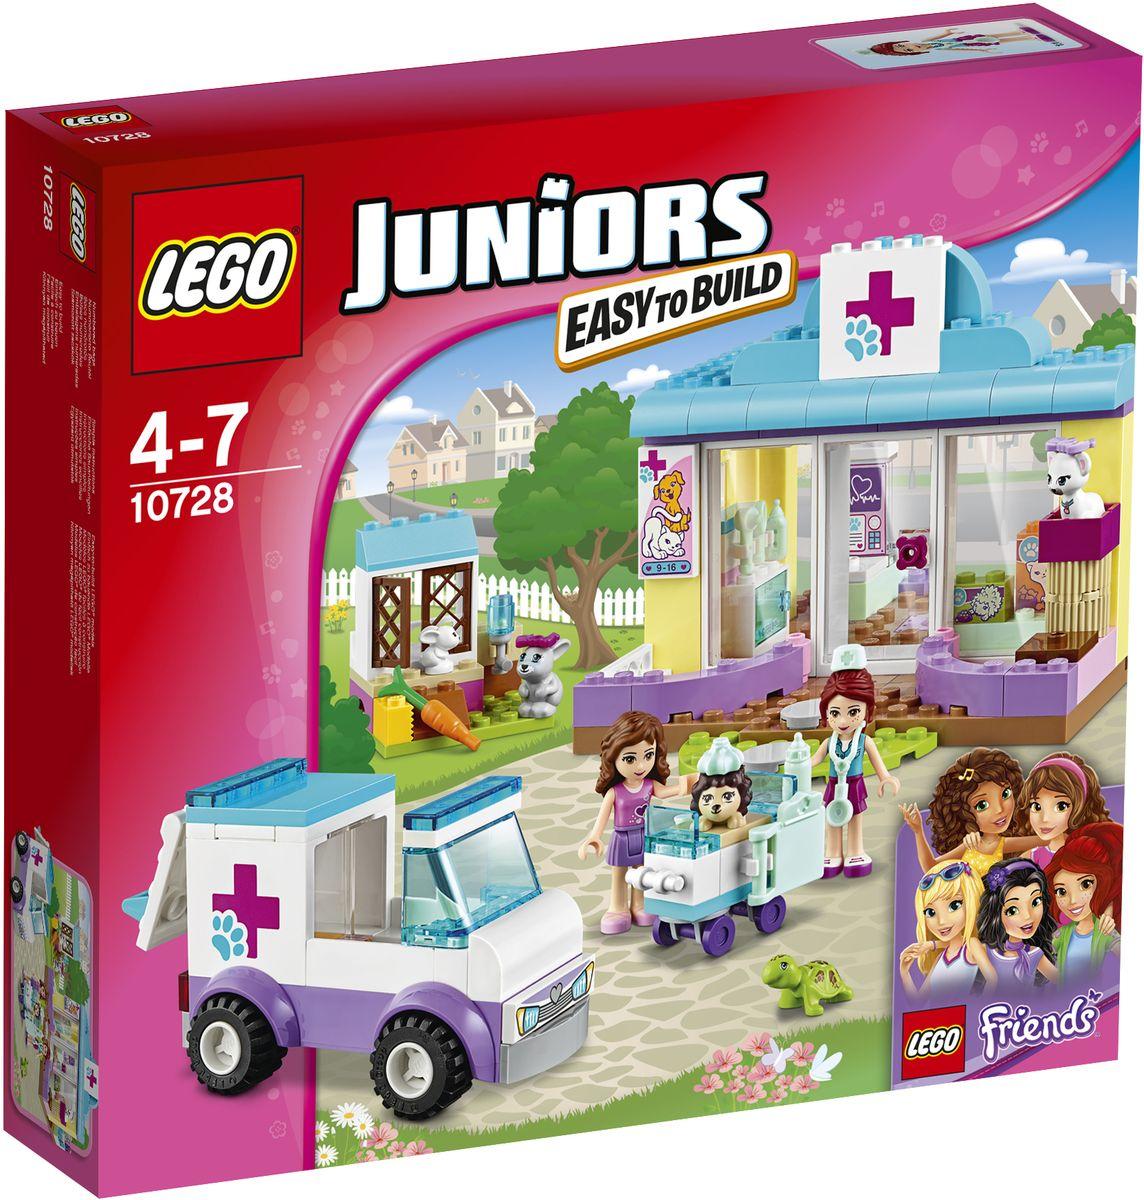 LEGO Juniors Конструктор Ветеринарная клиника Мии 1072810728Помогайте Оливии и Мии лечить заболевших животных в ветеринарной клинике LEGO Juniors! Вместе с Мией откройте клинику и приготовьтесь к дневному приему пациентов. Расскажите Оливии о животном, которое должна забрать машина скорой помощи, а, когда она подъедет, выйдите, чтобы ее встретить. Принесите животное в клинику, чтобы Мия могла начать его лечить. Помогите разместить животных, оставшихся в клинике до выздоровления. Набор включает в себя 173 разноцветных пластиковых элемента. Конструктор - это один из самых увлекательных и веселых способов времяпрепровождения. Ребенок сможет часами играть с конструктором, придумывая различные ситуации и истории.